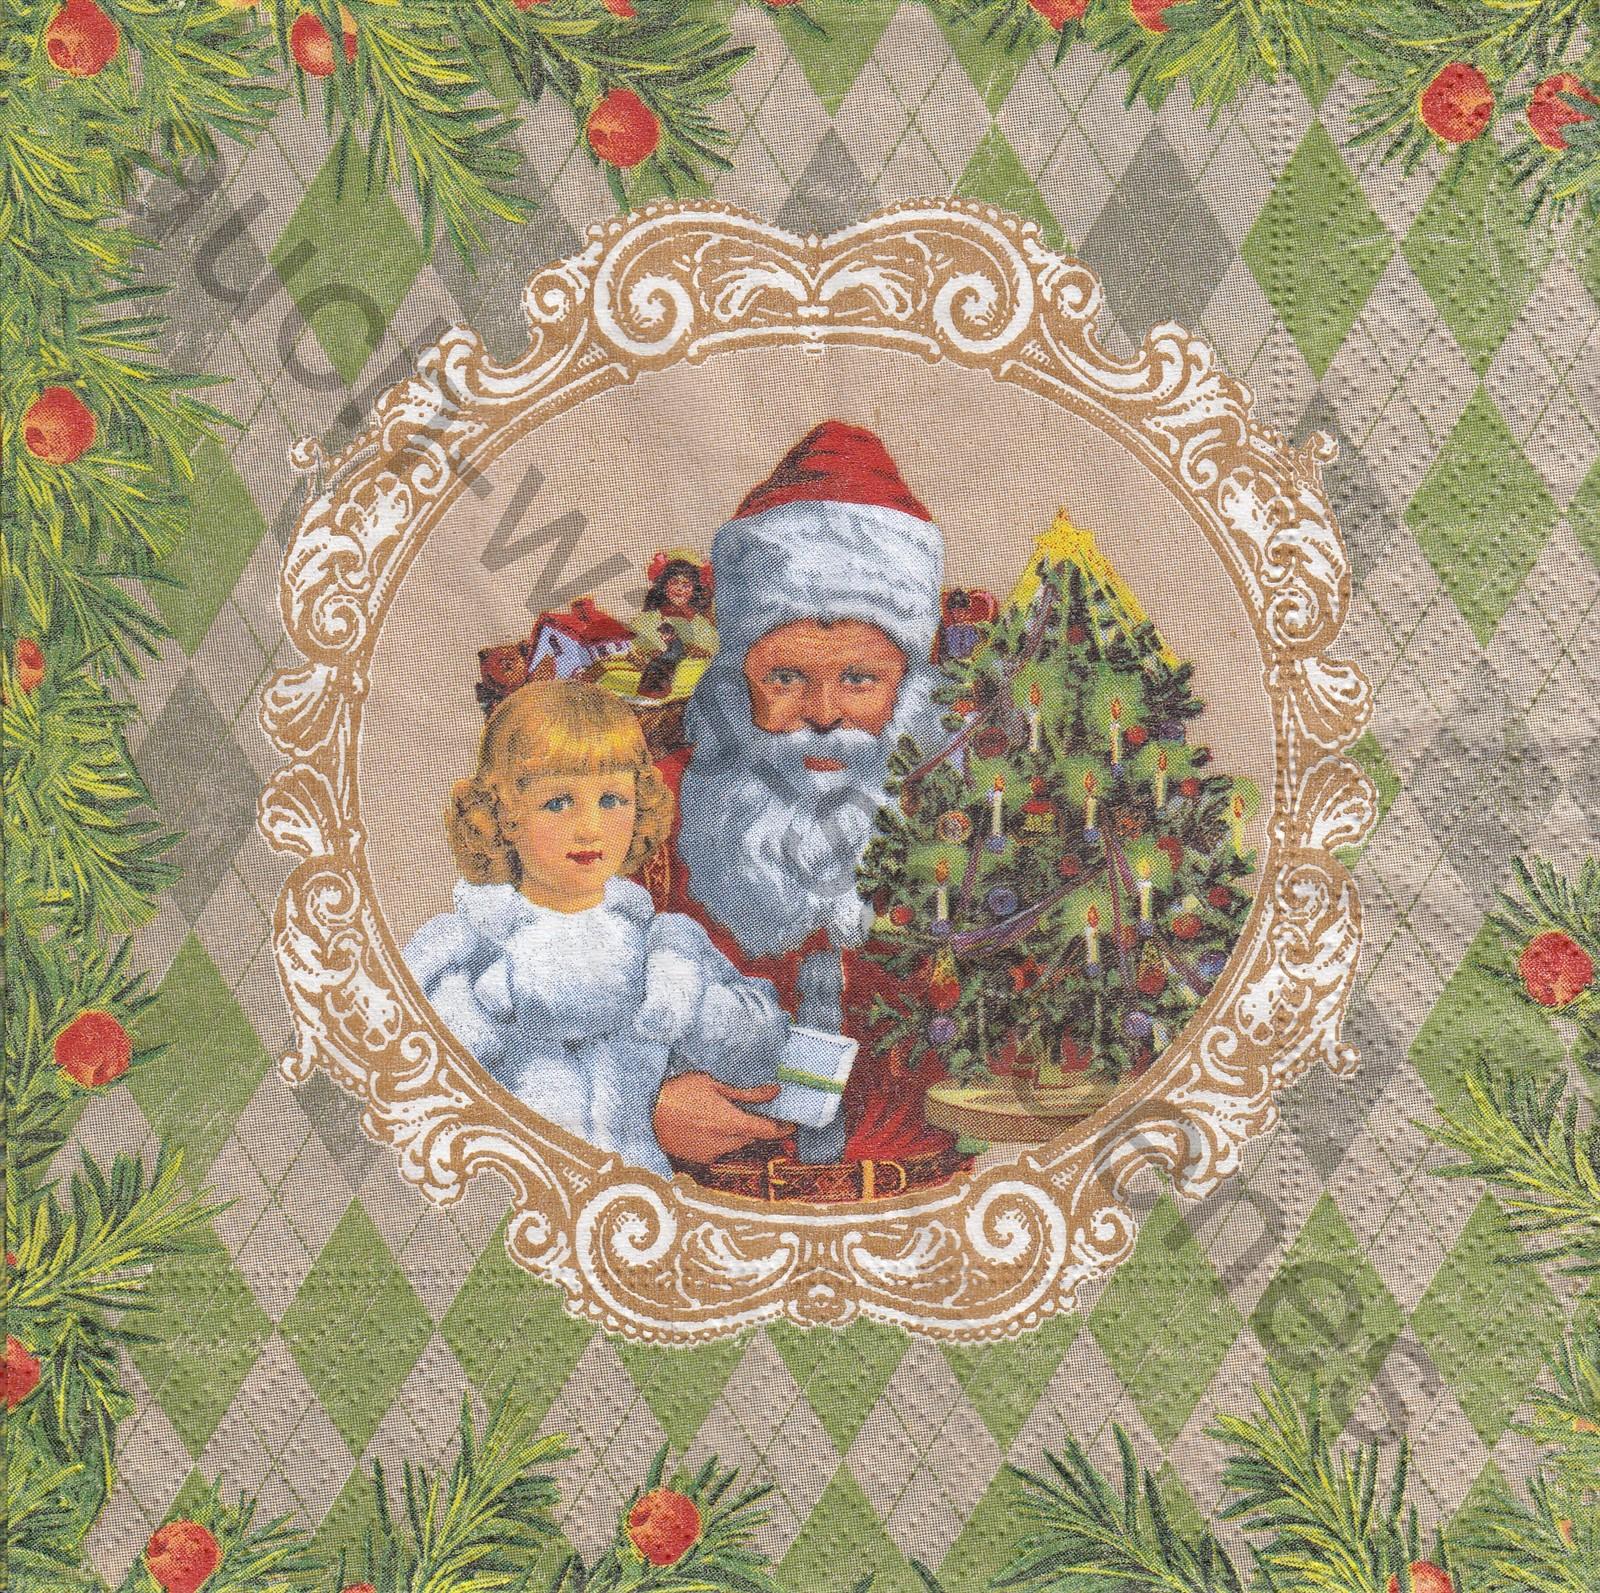 Servietten basteln sammeln - Santa Claus - Mädchen - Kind ...